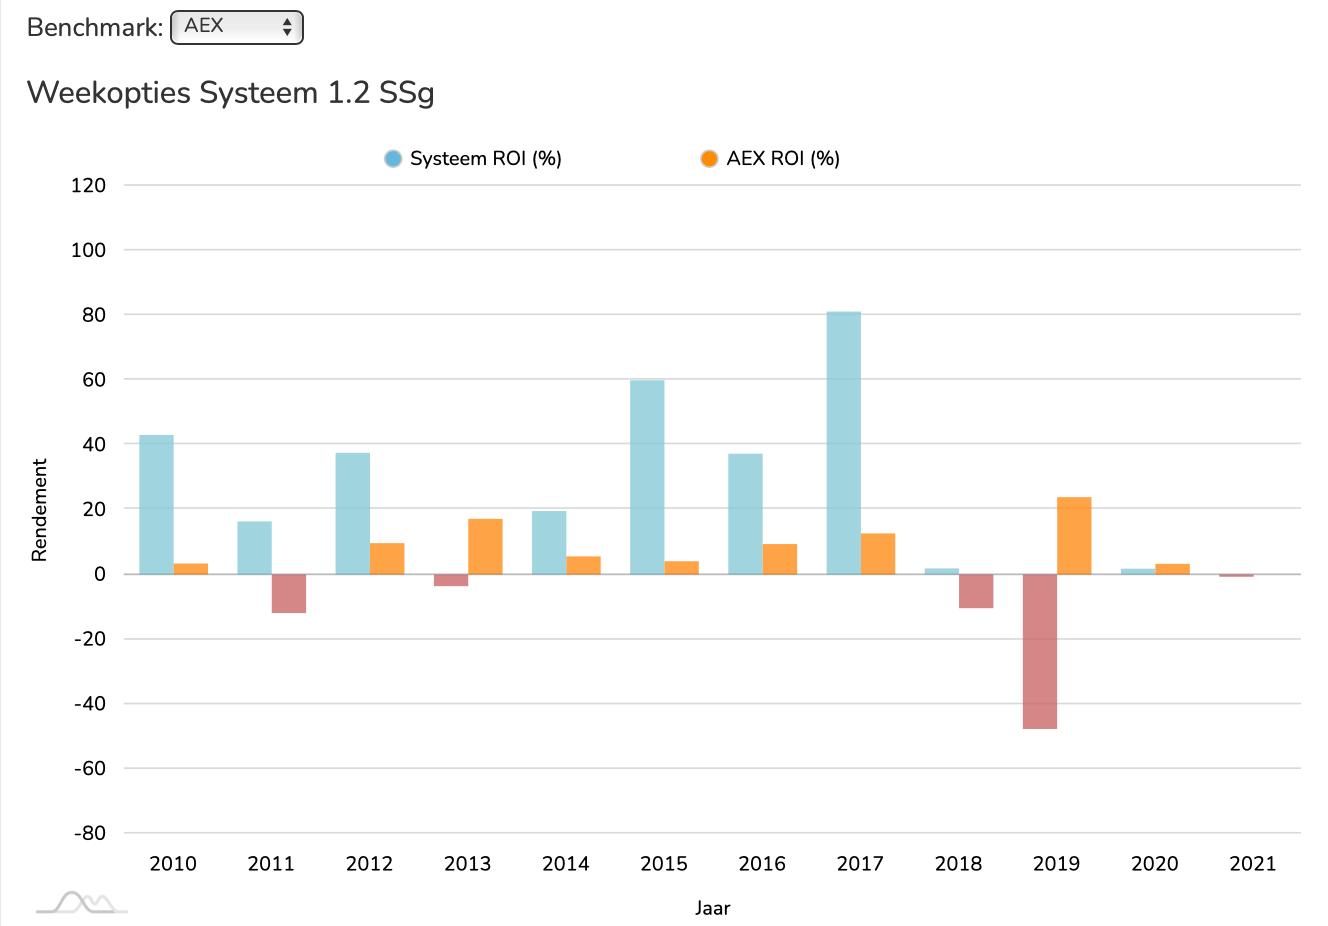 WOS 1.2. SSg ROI vs AEX